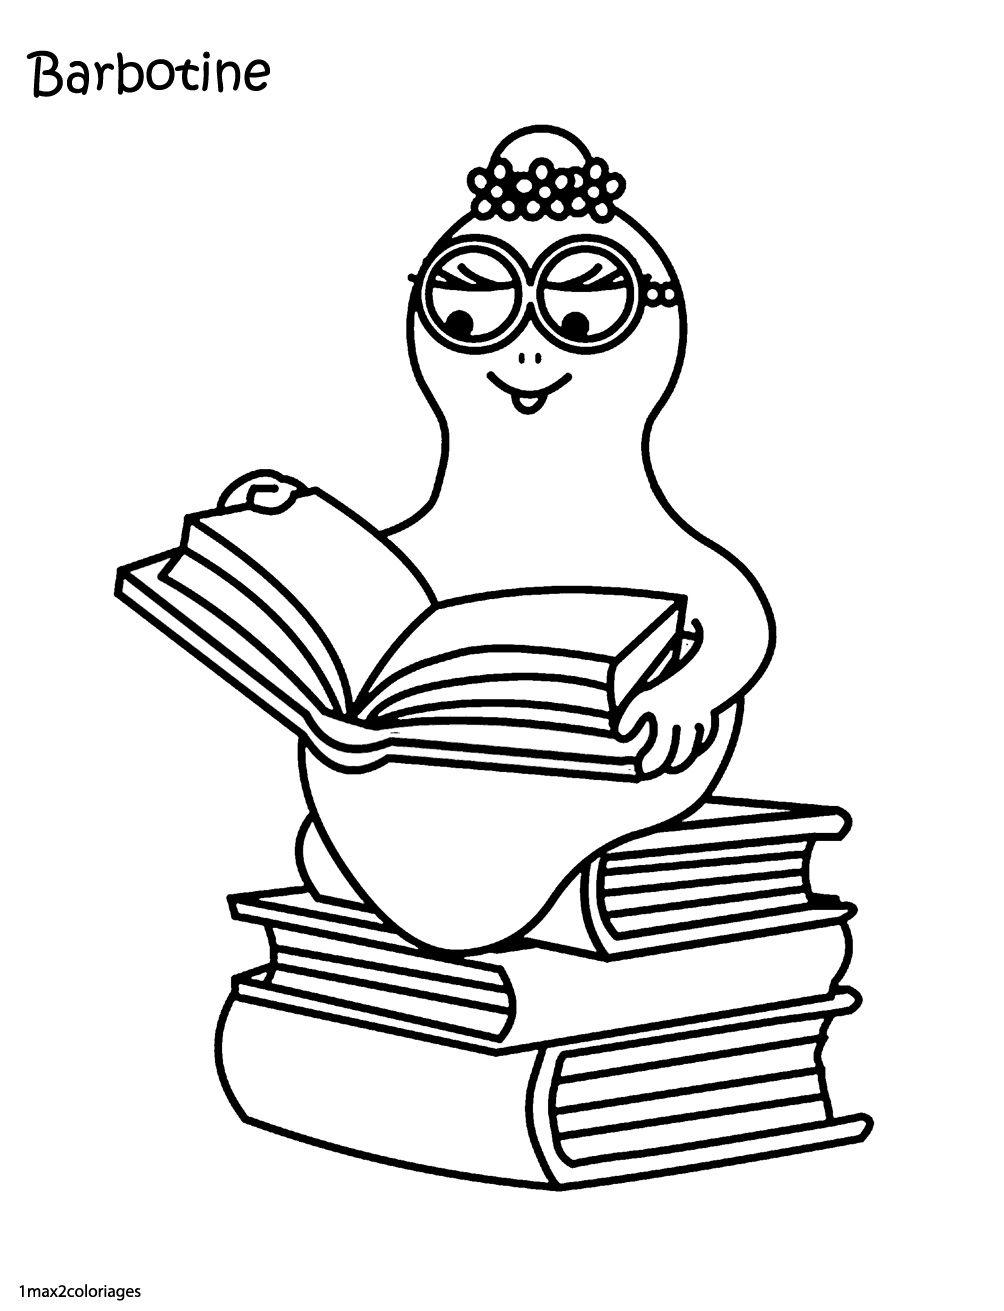 Barbotine est une intellectuelle | Barbapapa | Pinterest | Exercises